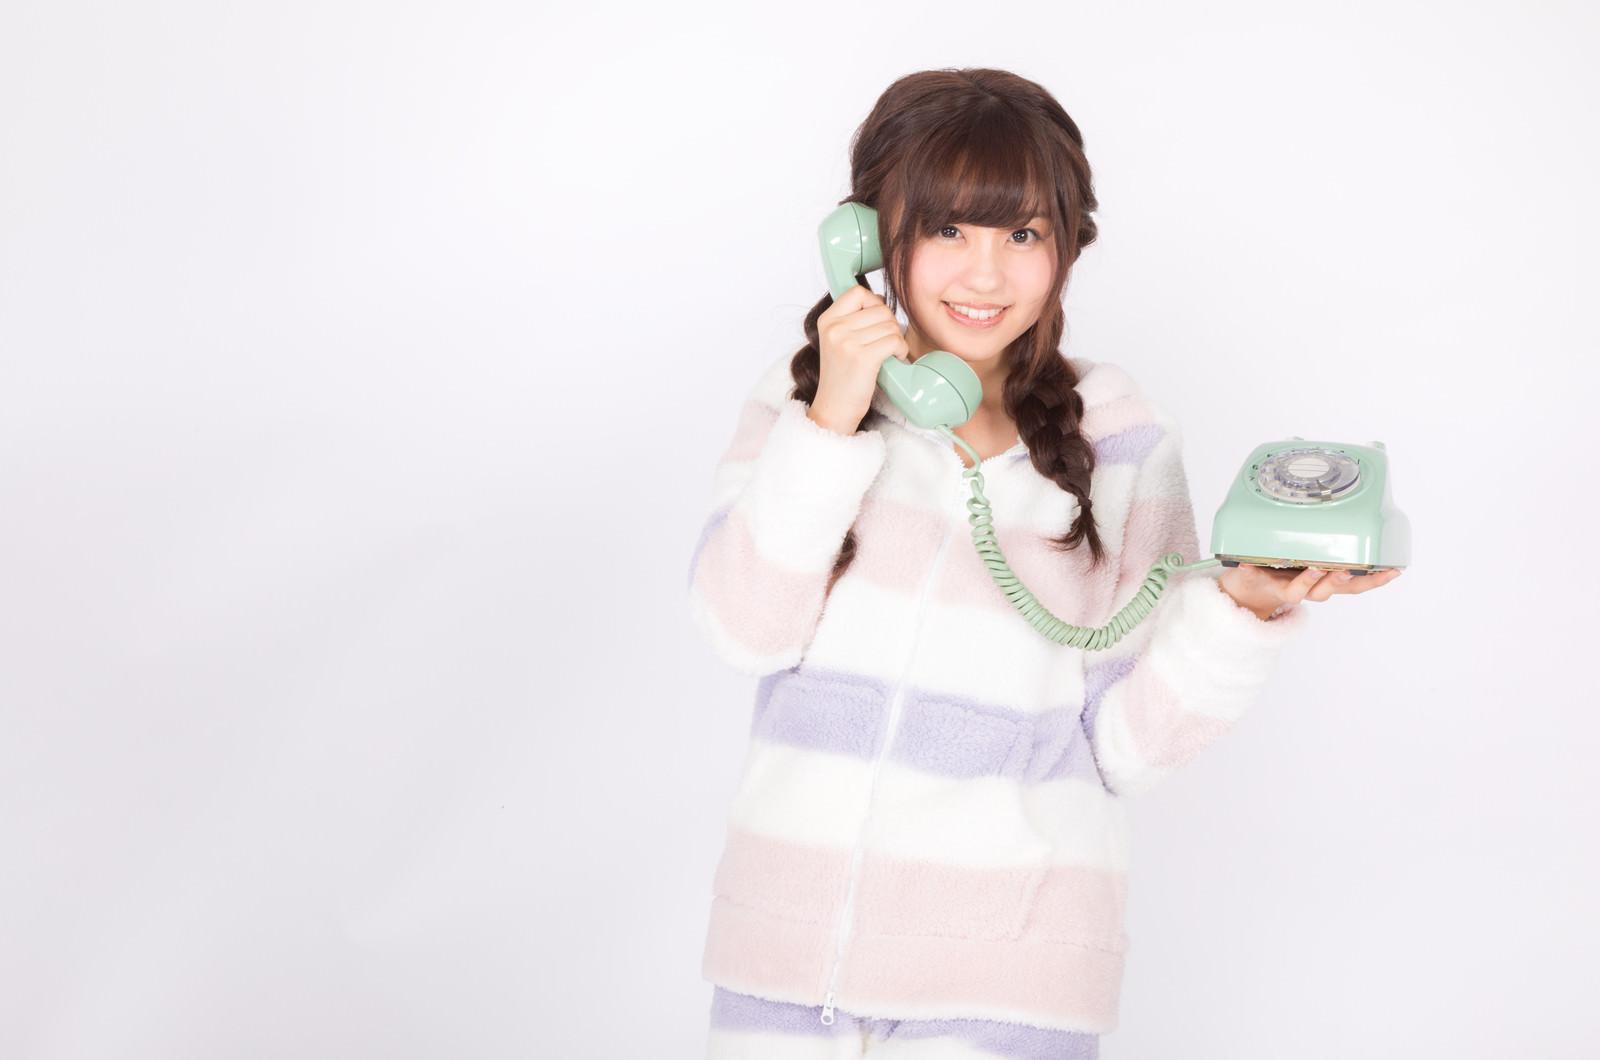 「ダイヤル式の電話を片手に通話する女性」の写真[モデル:河村友歌]